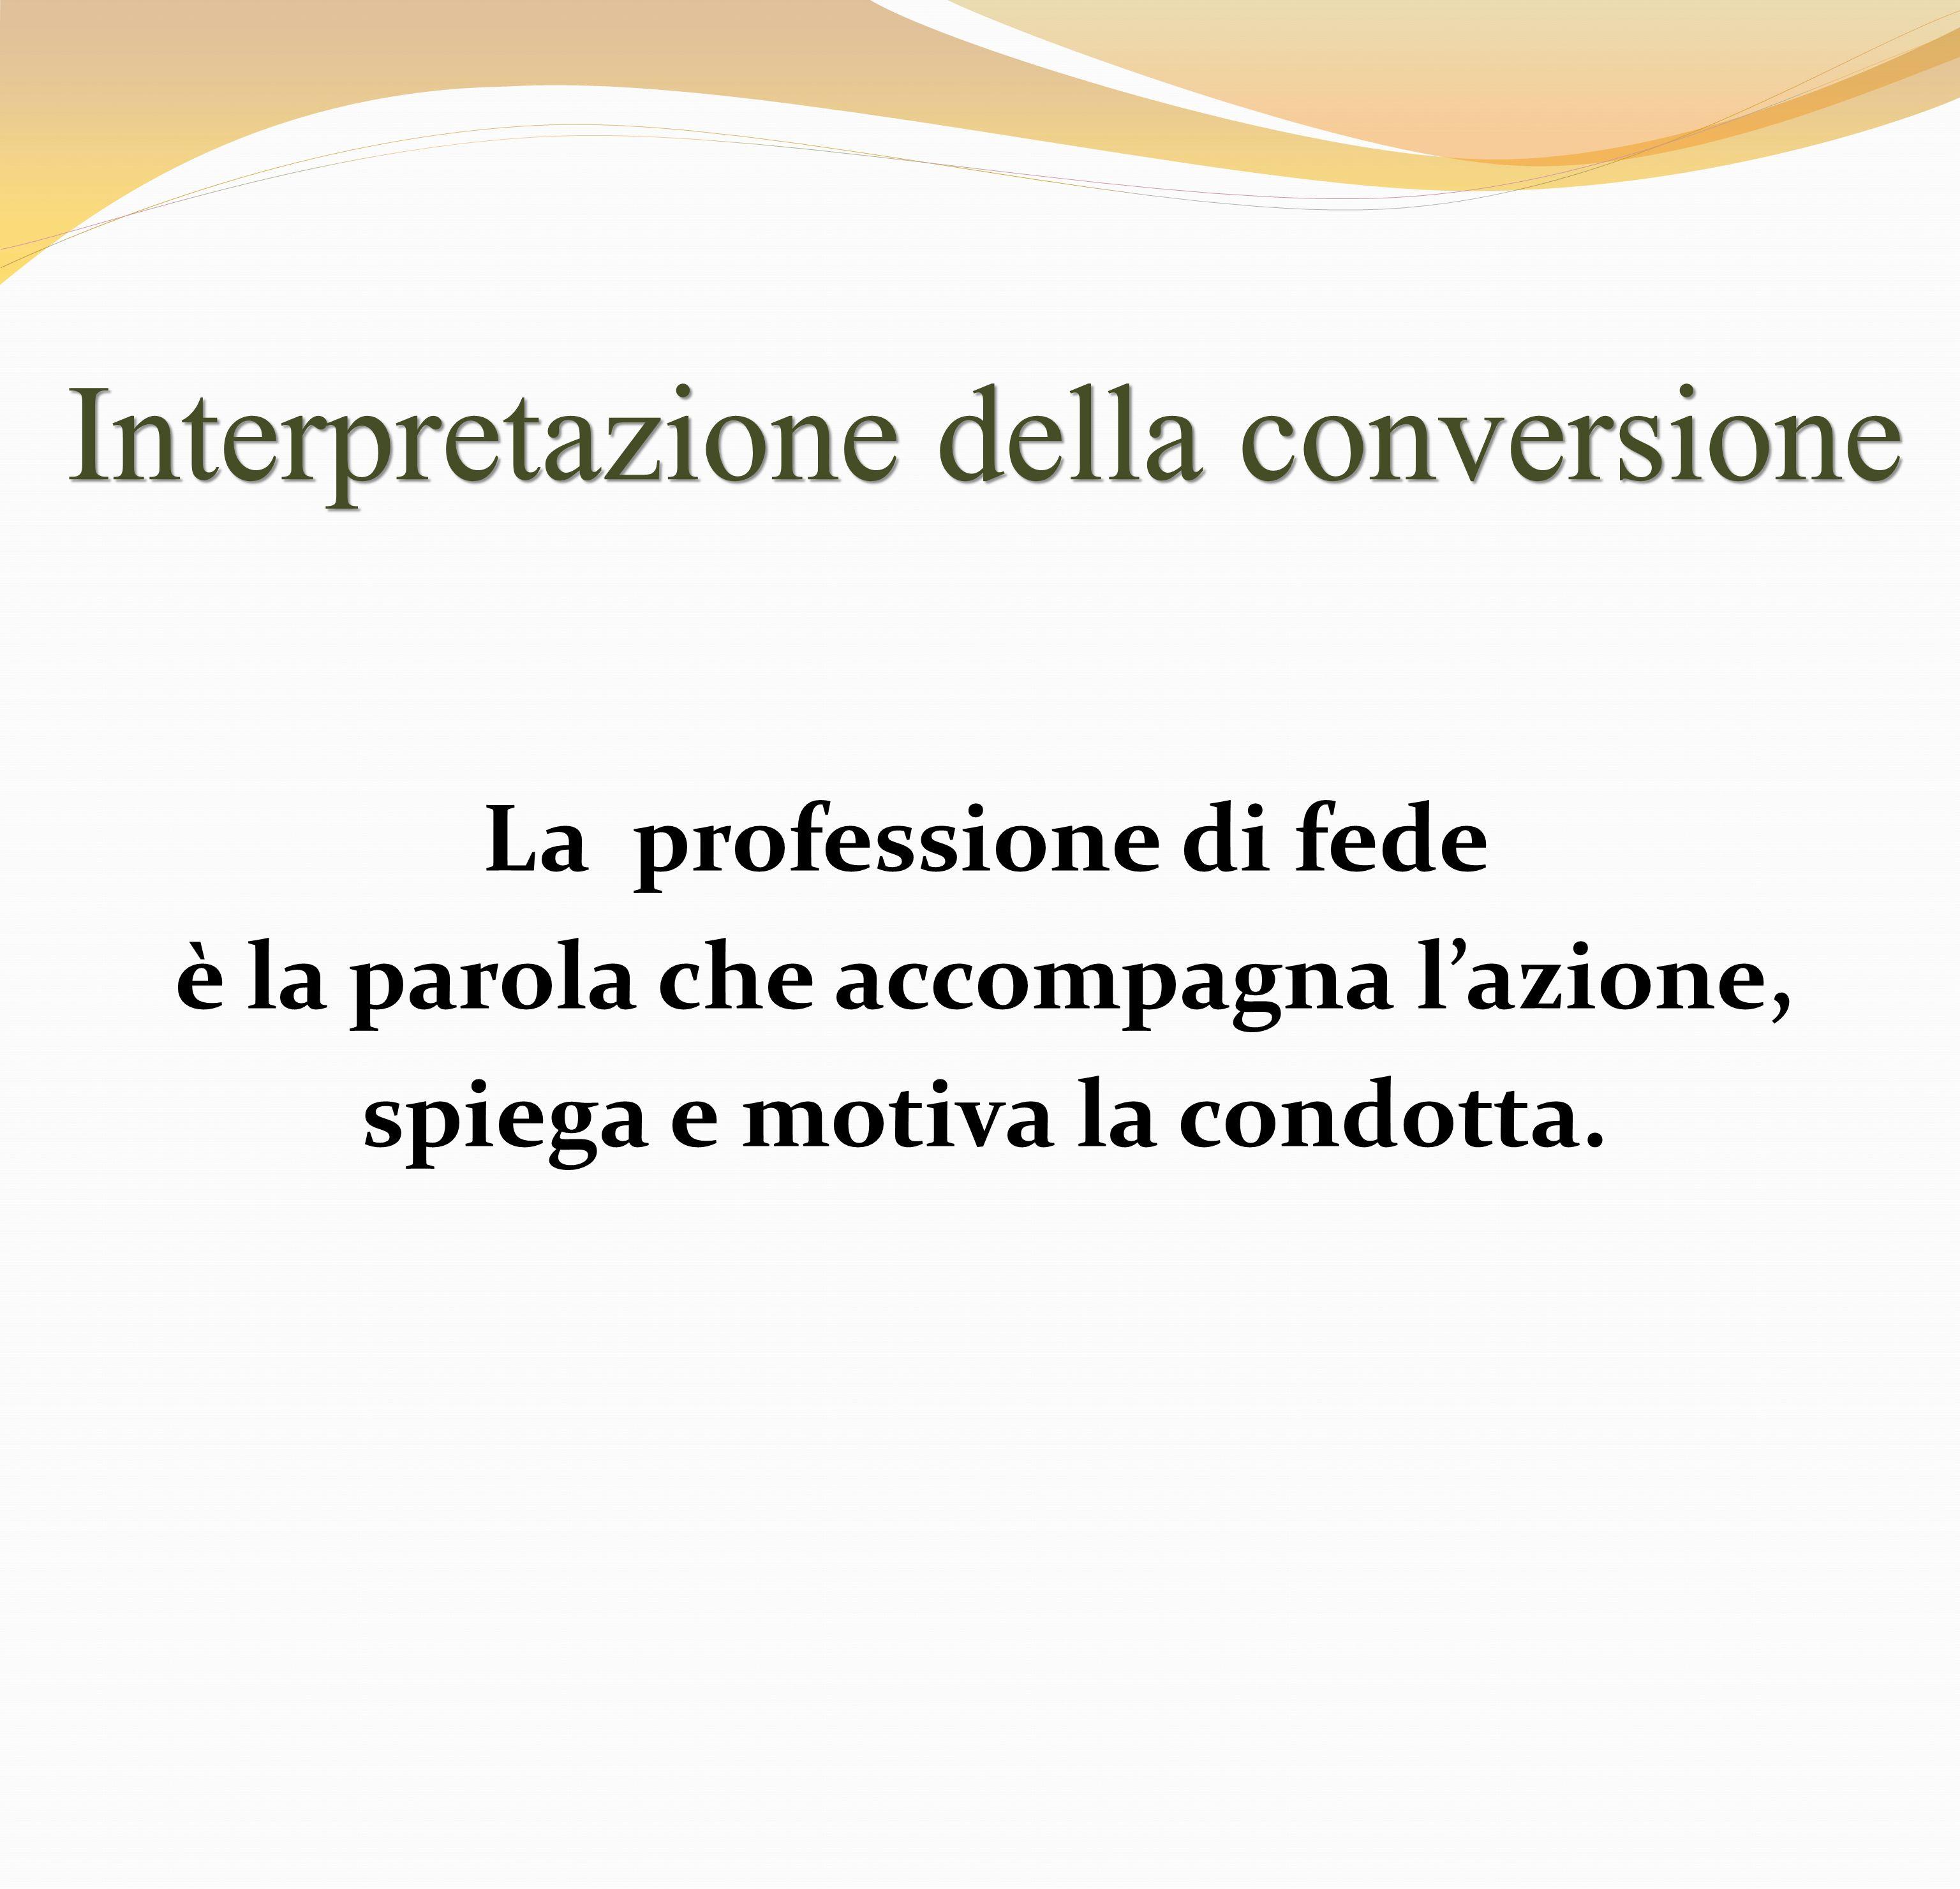 Interpretazione della conversione